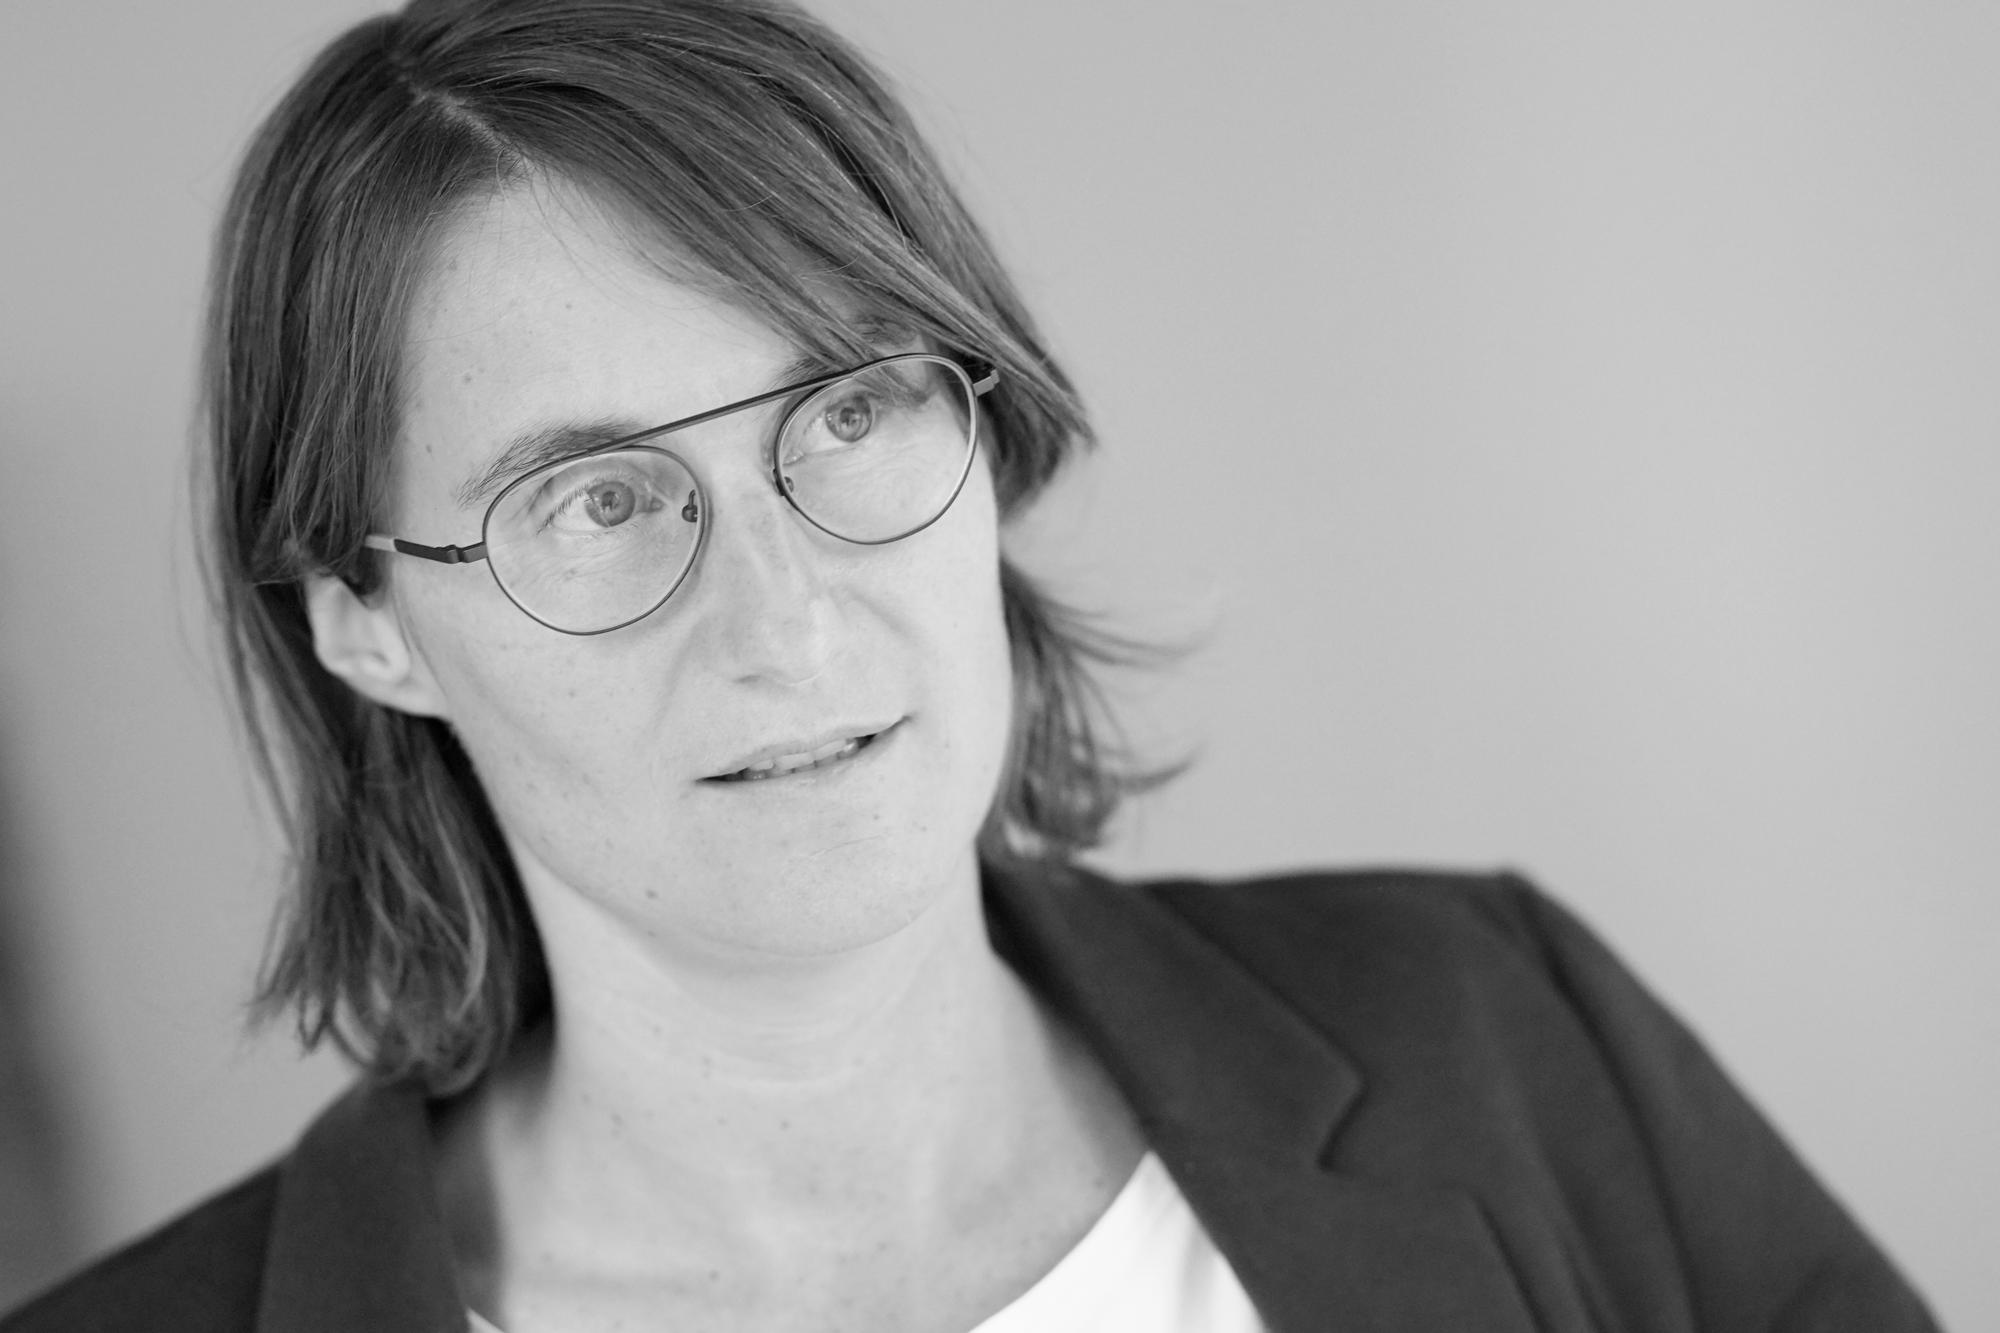 Death Positiv · Trauerrednerin · Verena Brunnenbauer · Foto: Reinhard Winkler